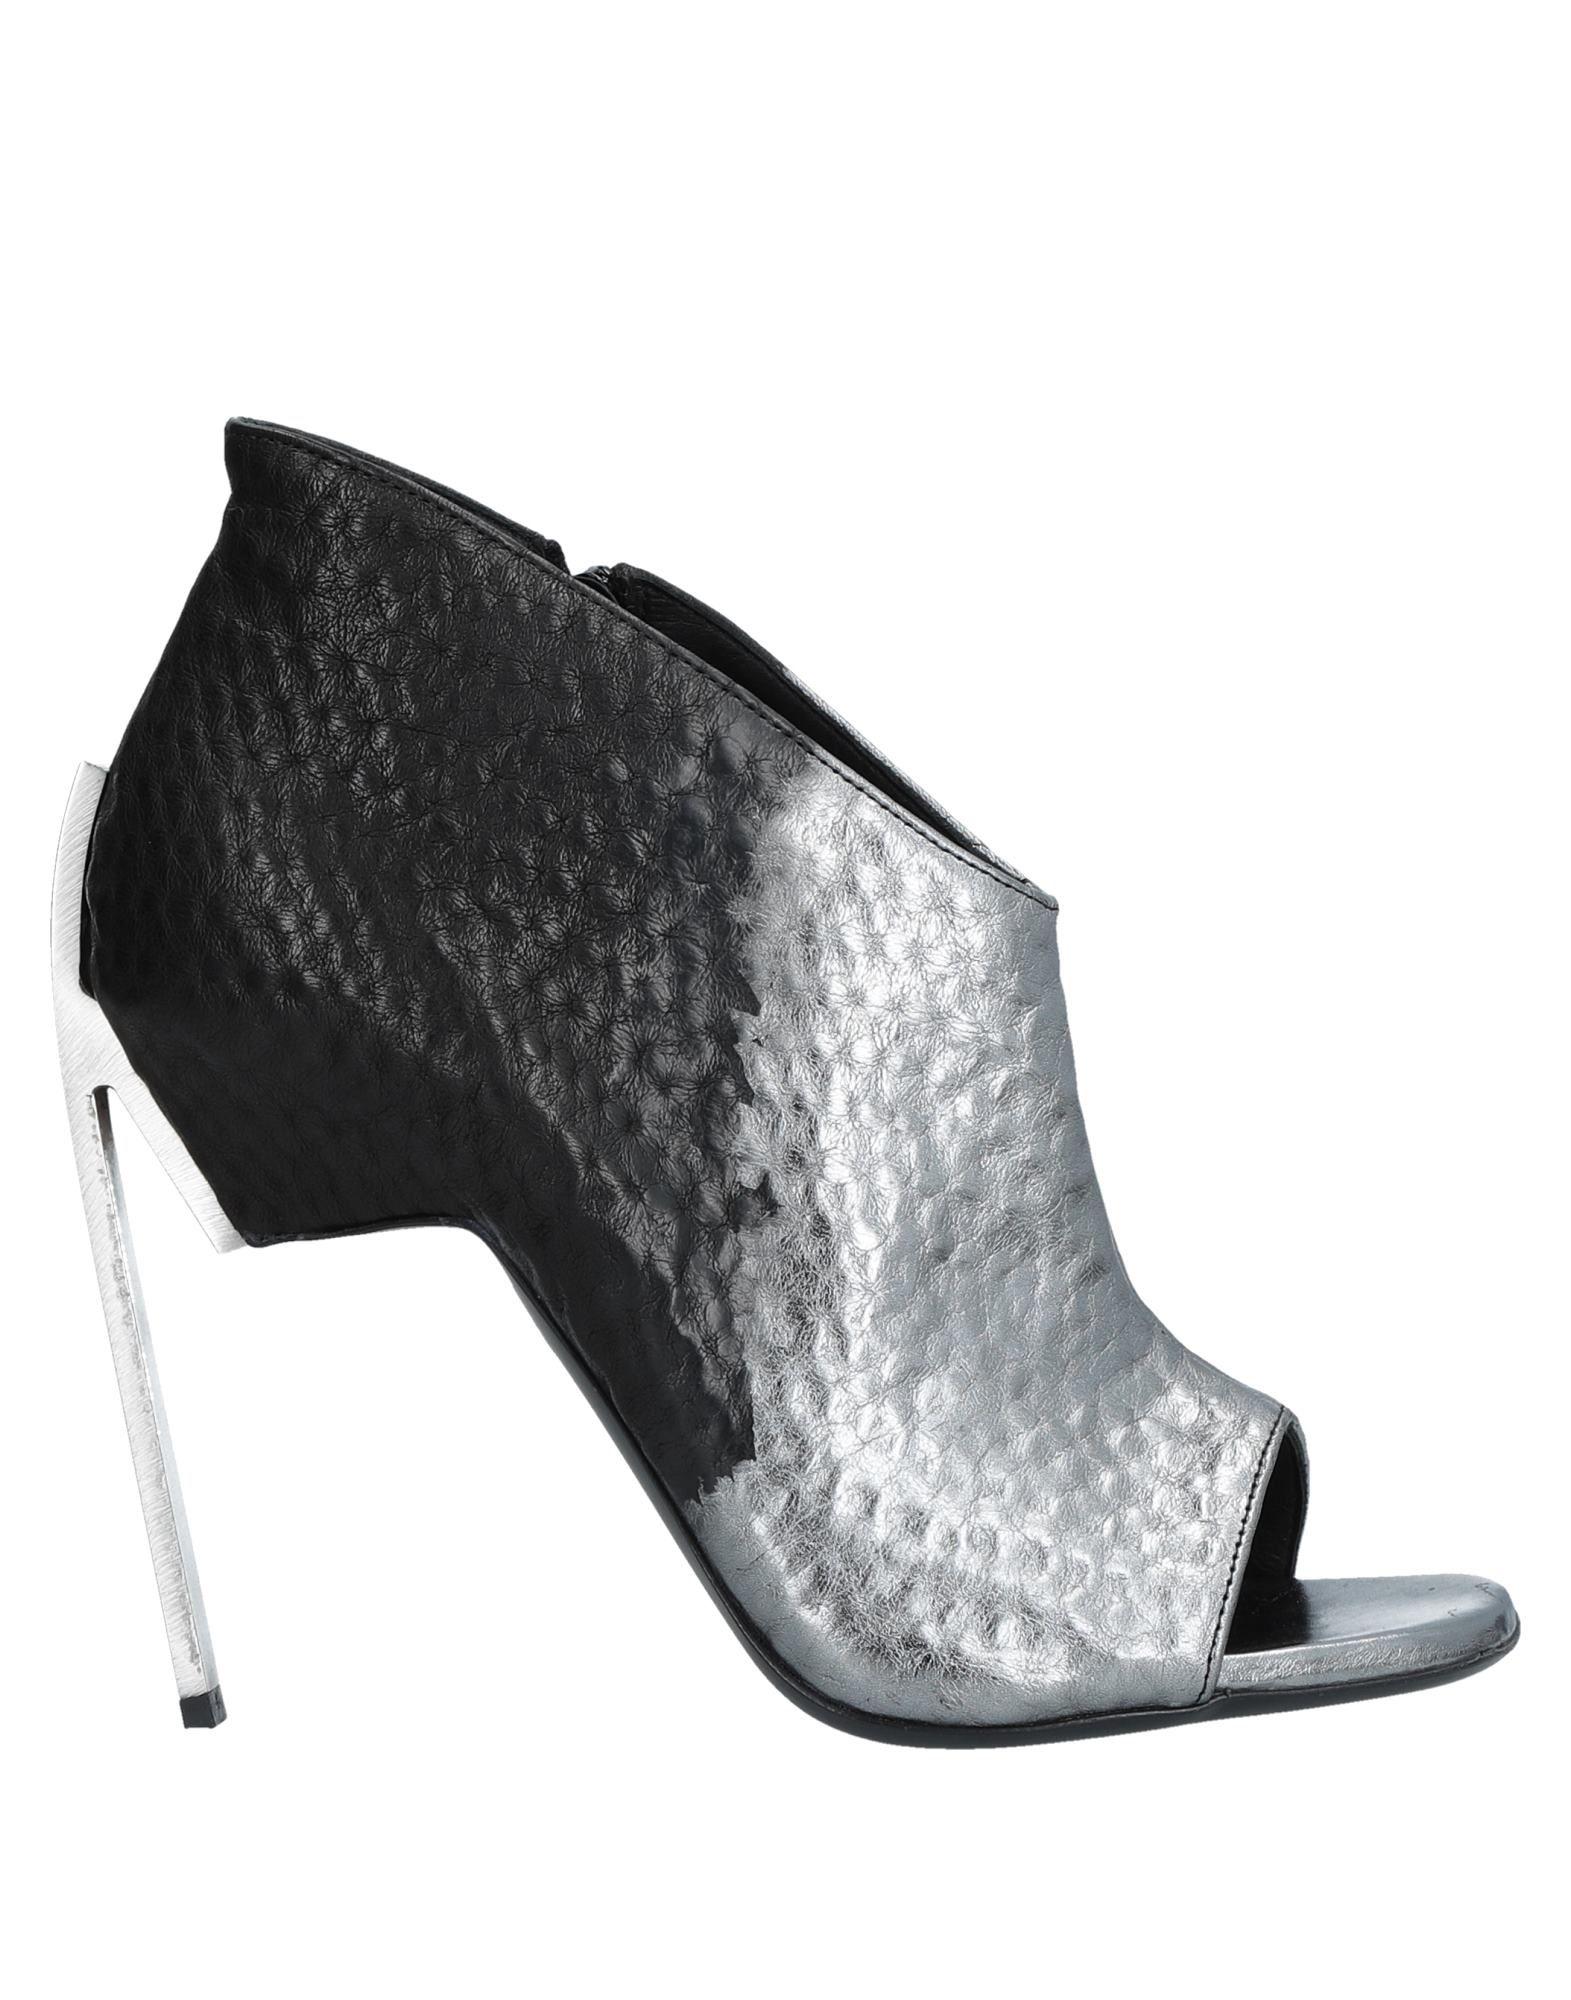 Sneakers Diemme Uomo - 11207291MV Scarpe economiche e buone